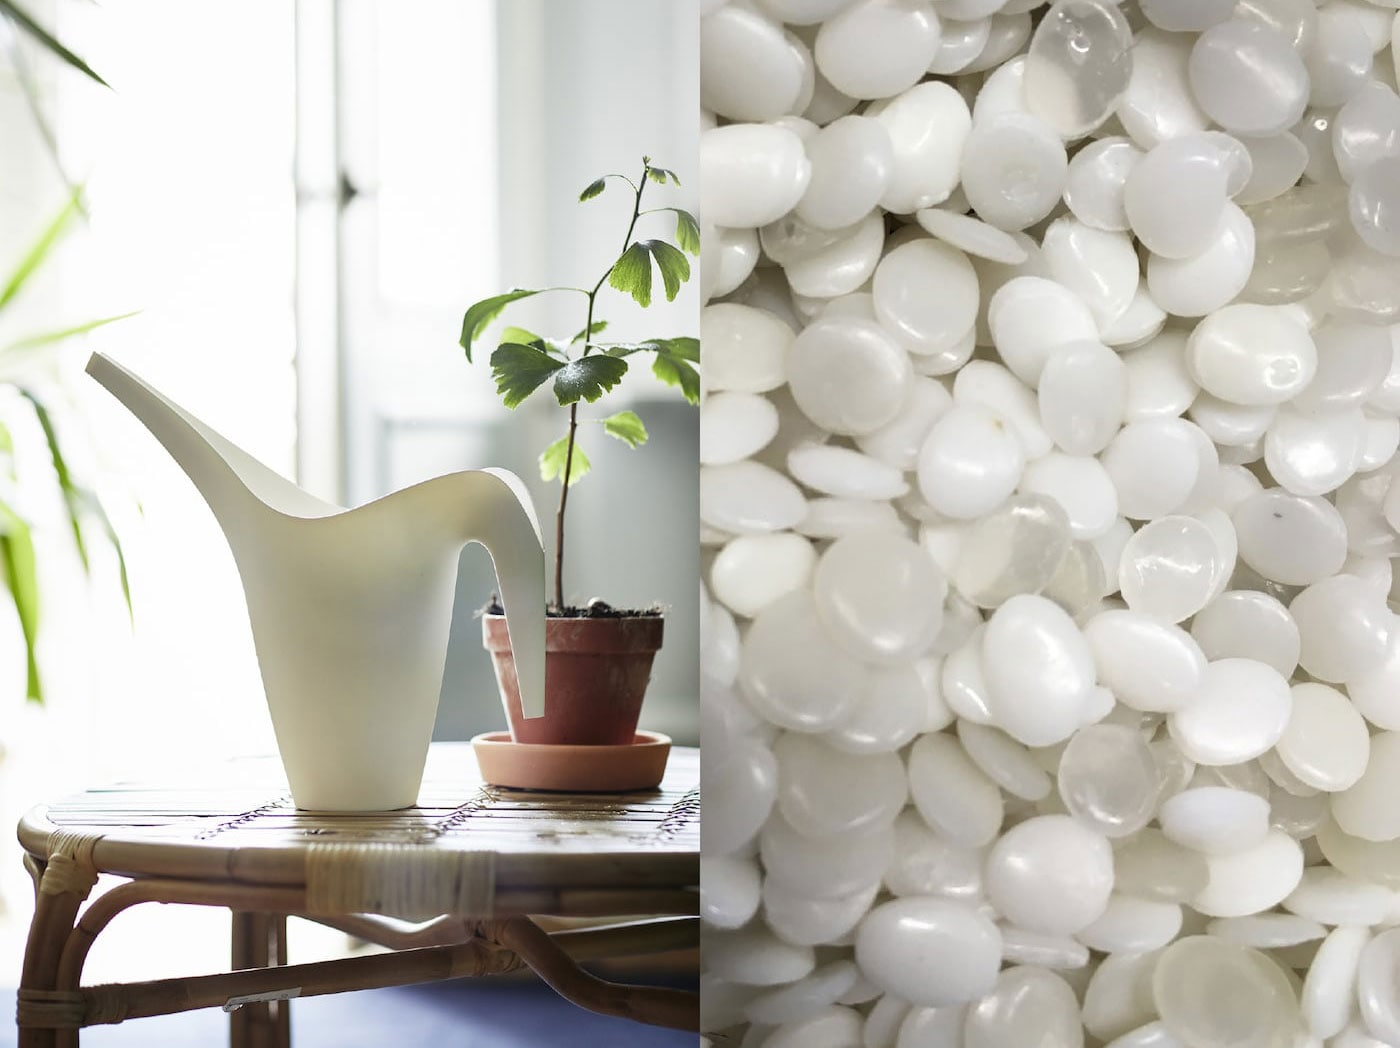 Rozdělená fotografie zobrazující PET plasty a  plastovou bílou konev, která byla vytvořena z těchto materiálů.